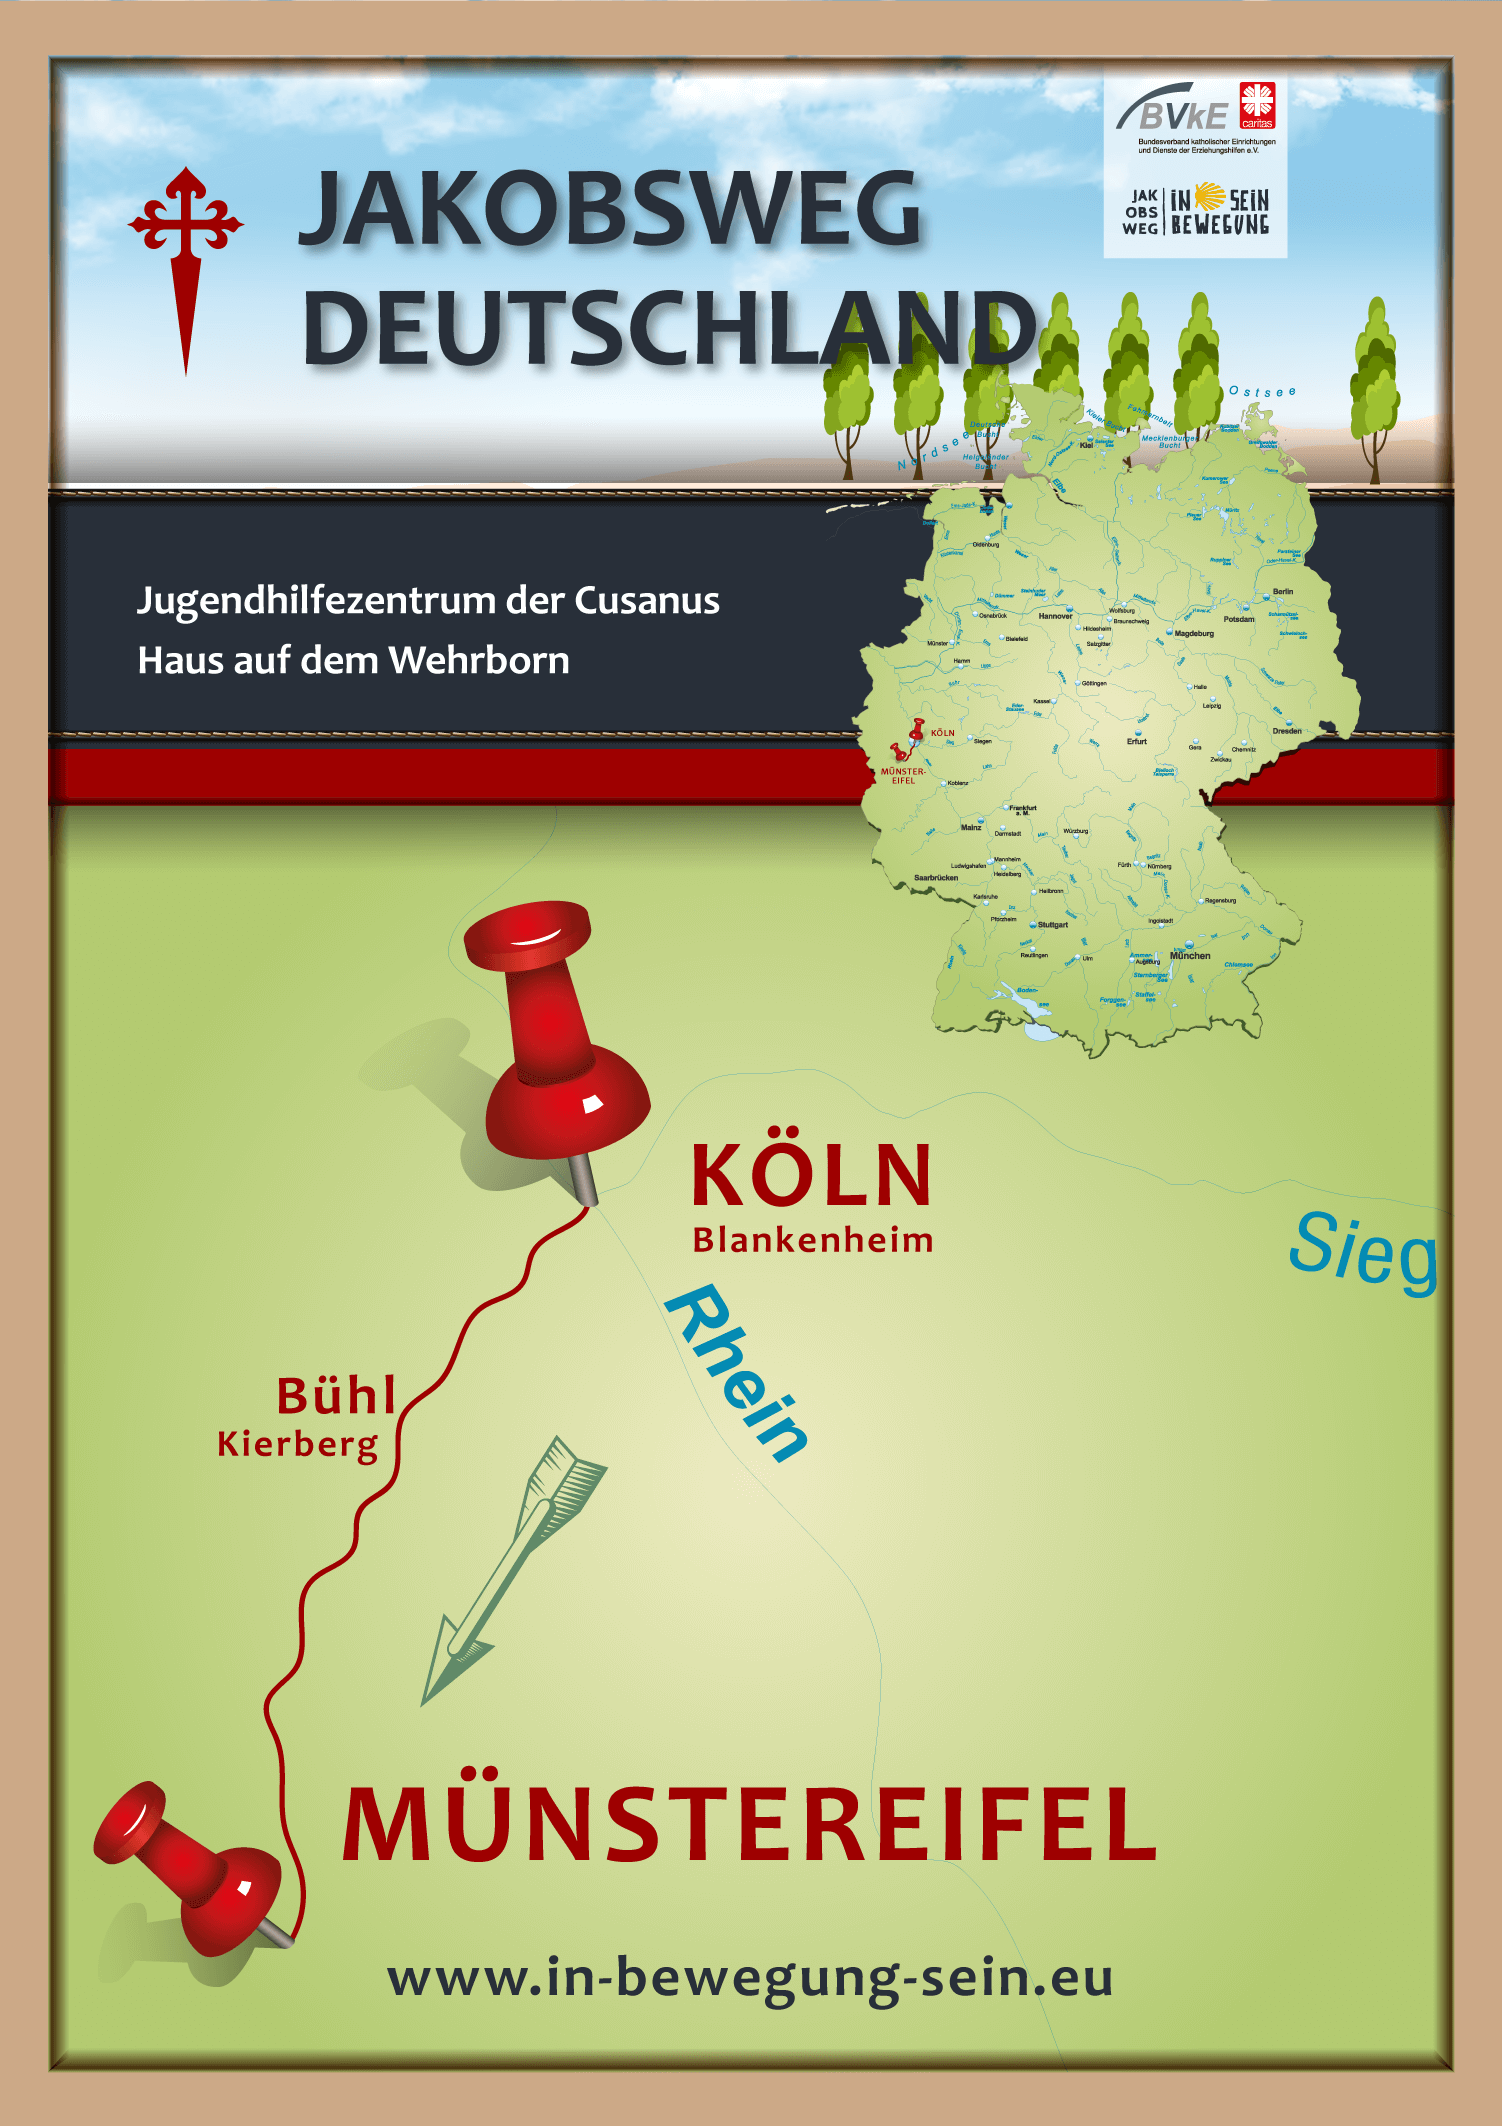 Posterkarte-JUGENDHILFEZENTRUM-DER-CUSANUS---WEHRBORN---AACH-2019-Köln